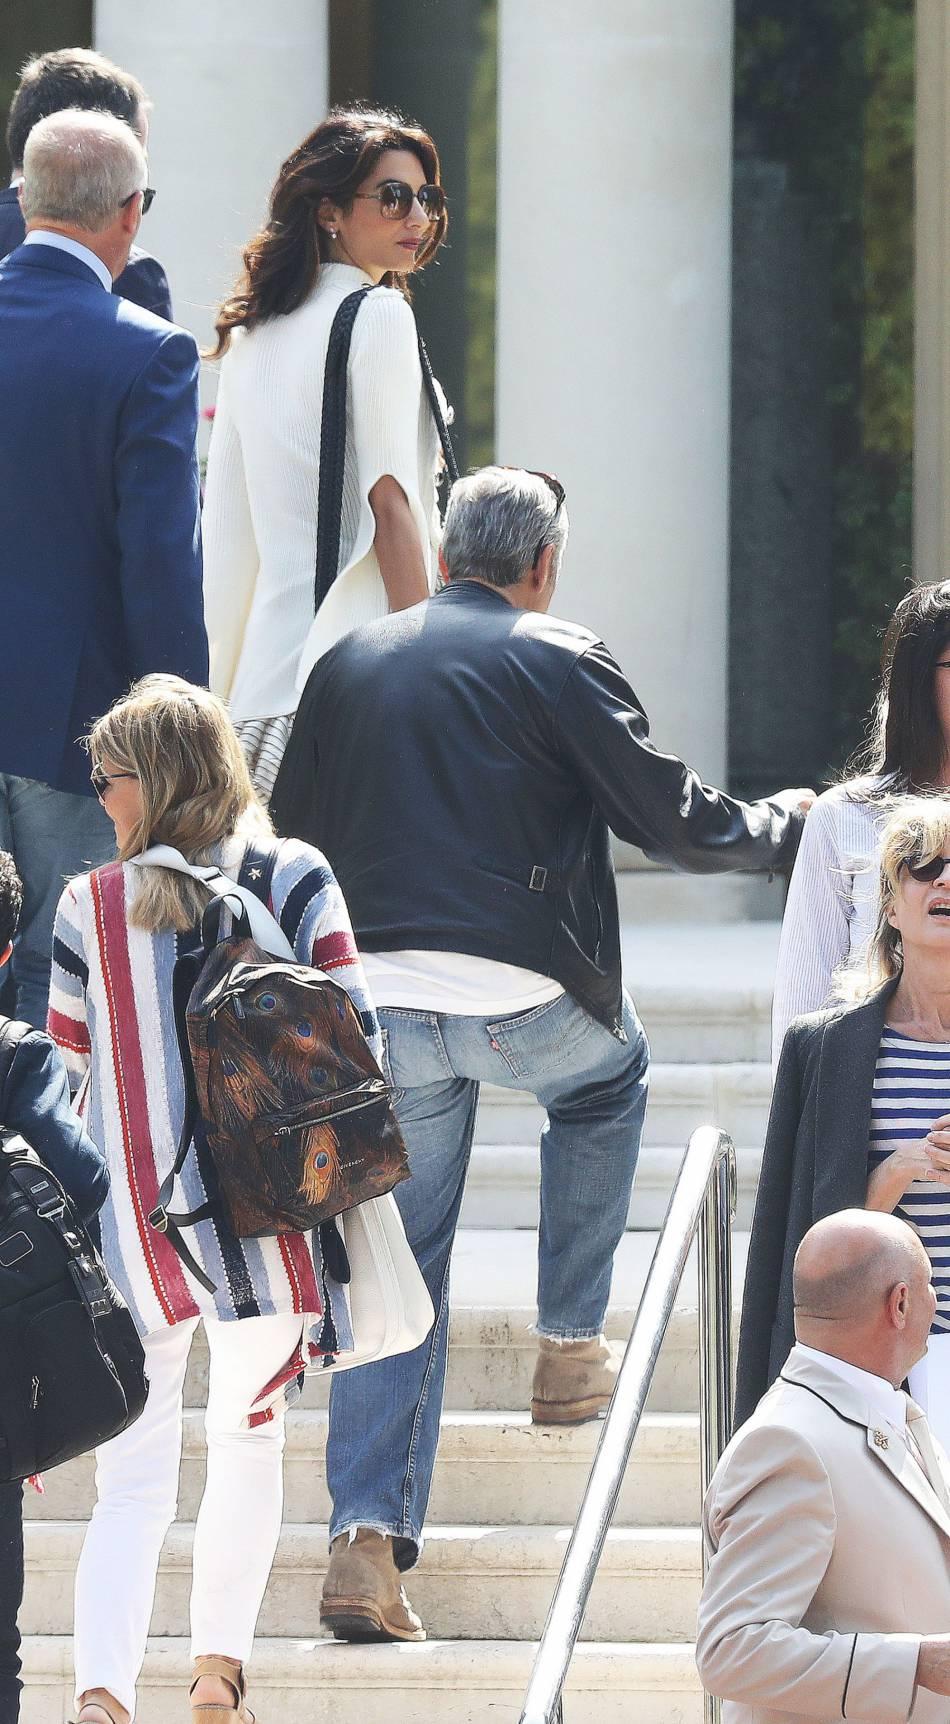 George Clooney présente son nouveau film sur la Croisette. Il a fait venir sa femme à Cannes pour vivre, en même temps, un séjour romantique et grand luxe avec elle dans le Sud de la France.